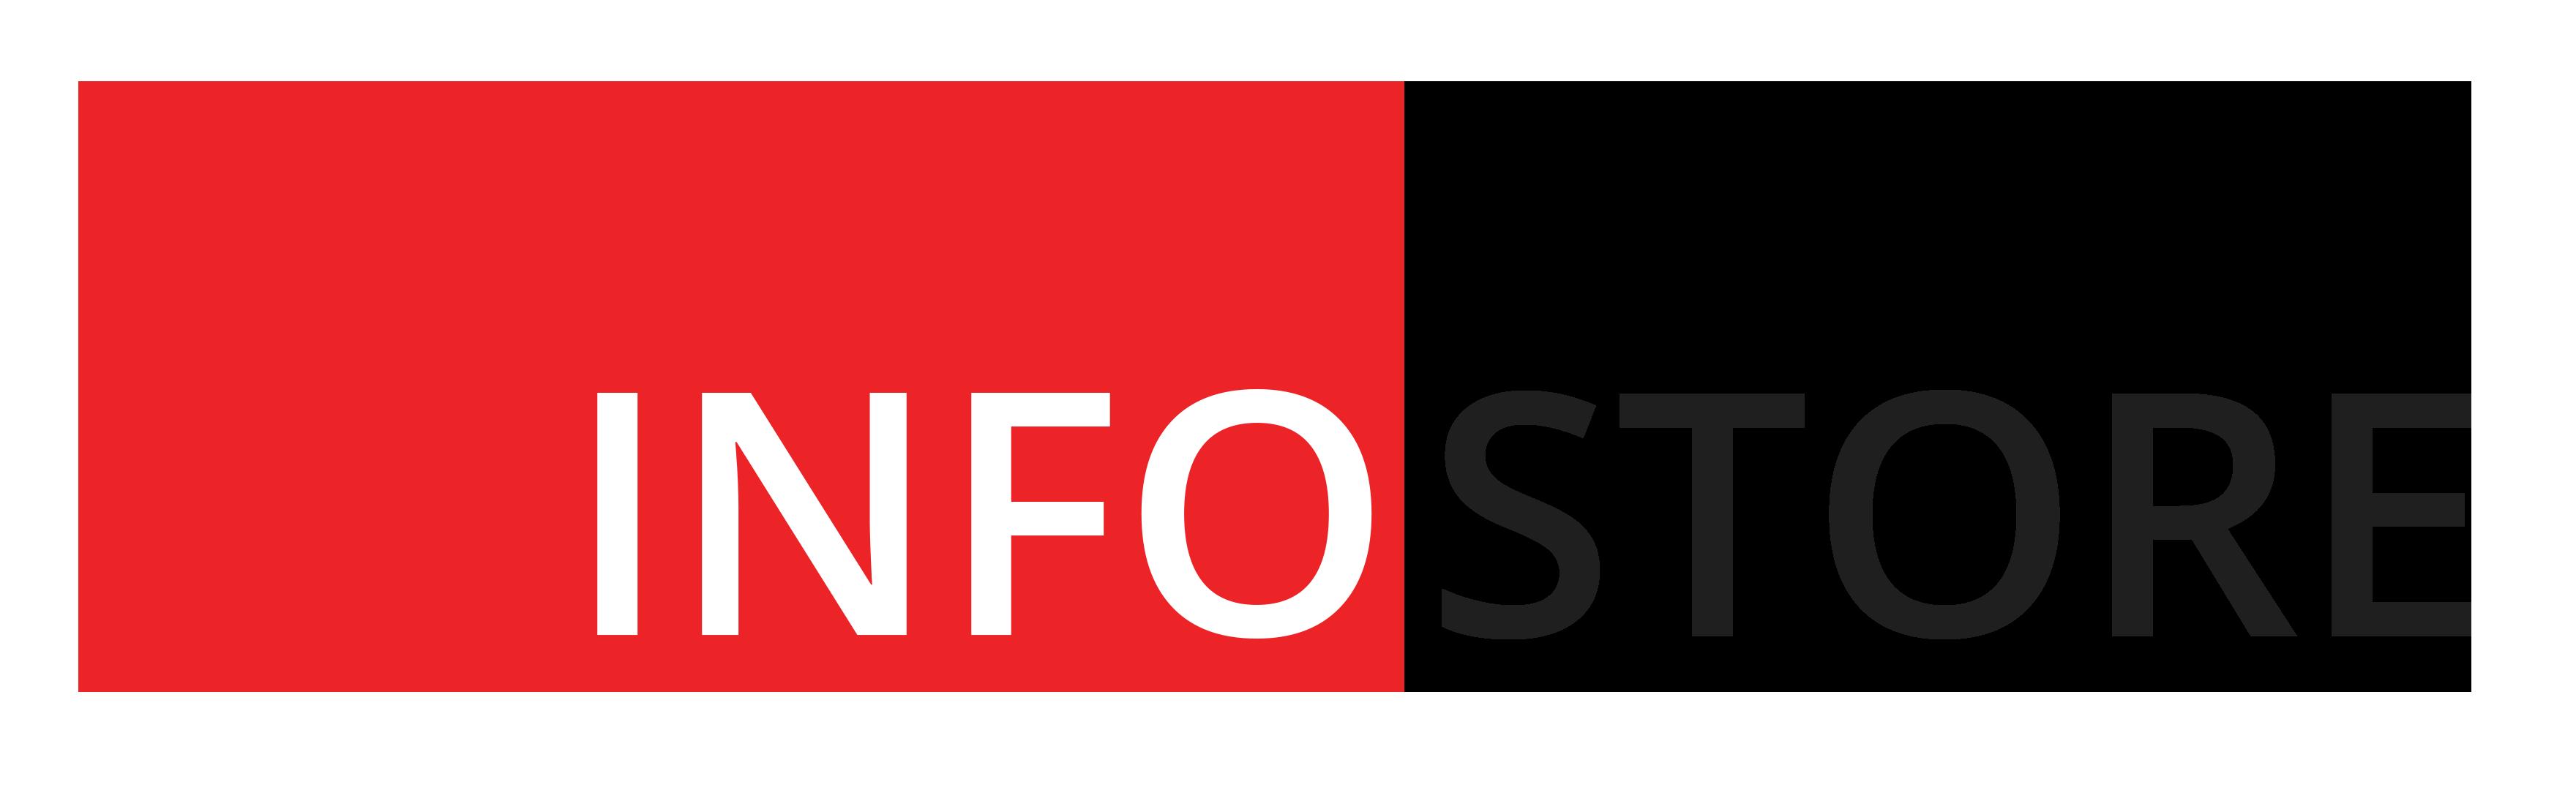 Empresas Desafio10x: Sociedad Comercial Infostore Limitada.